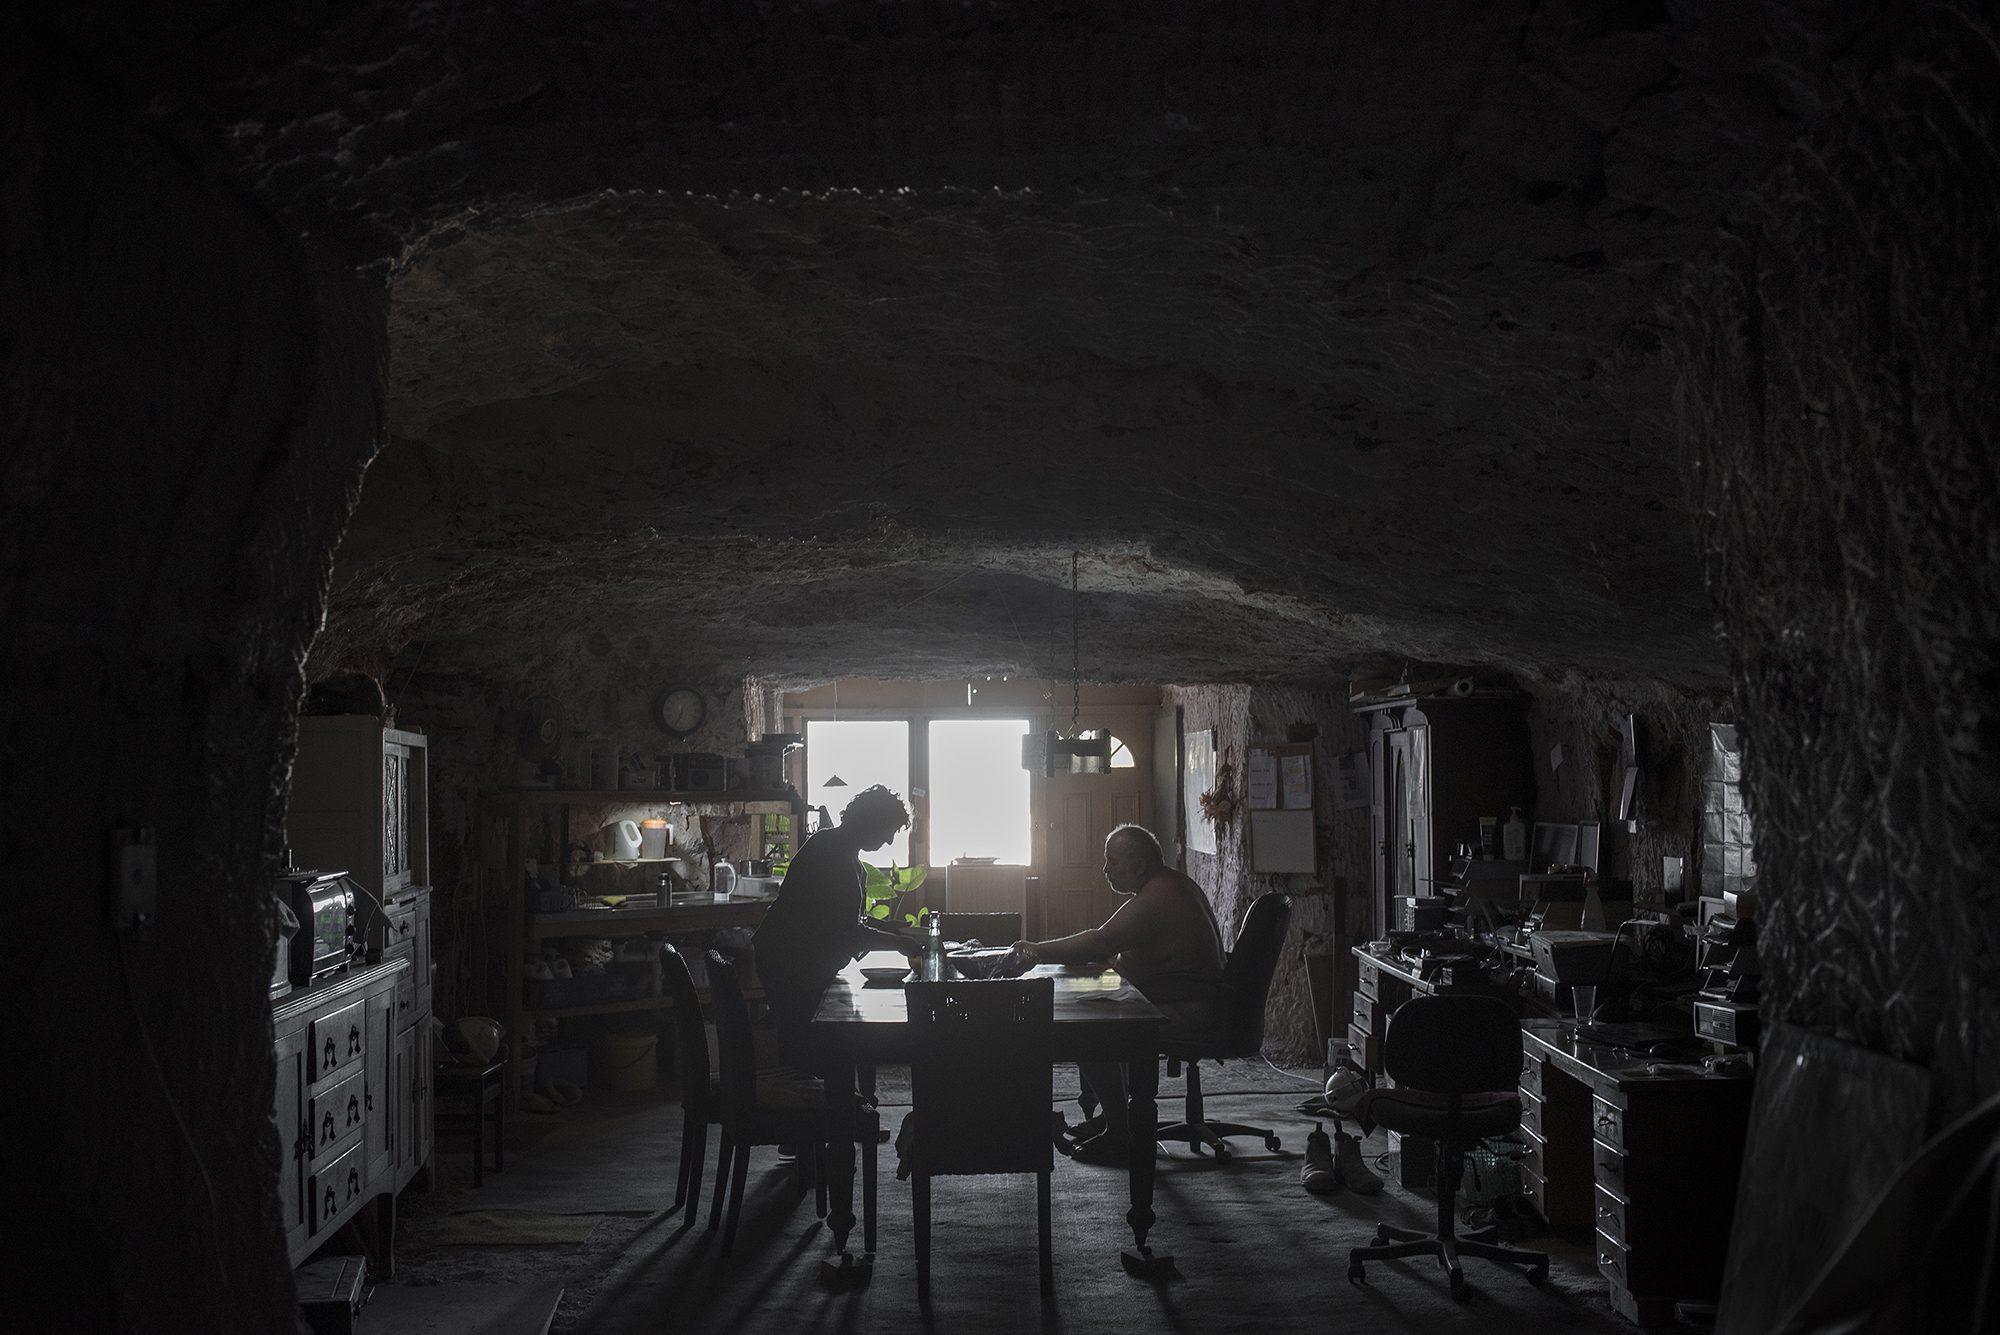 From Underland © Tamara Merino